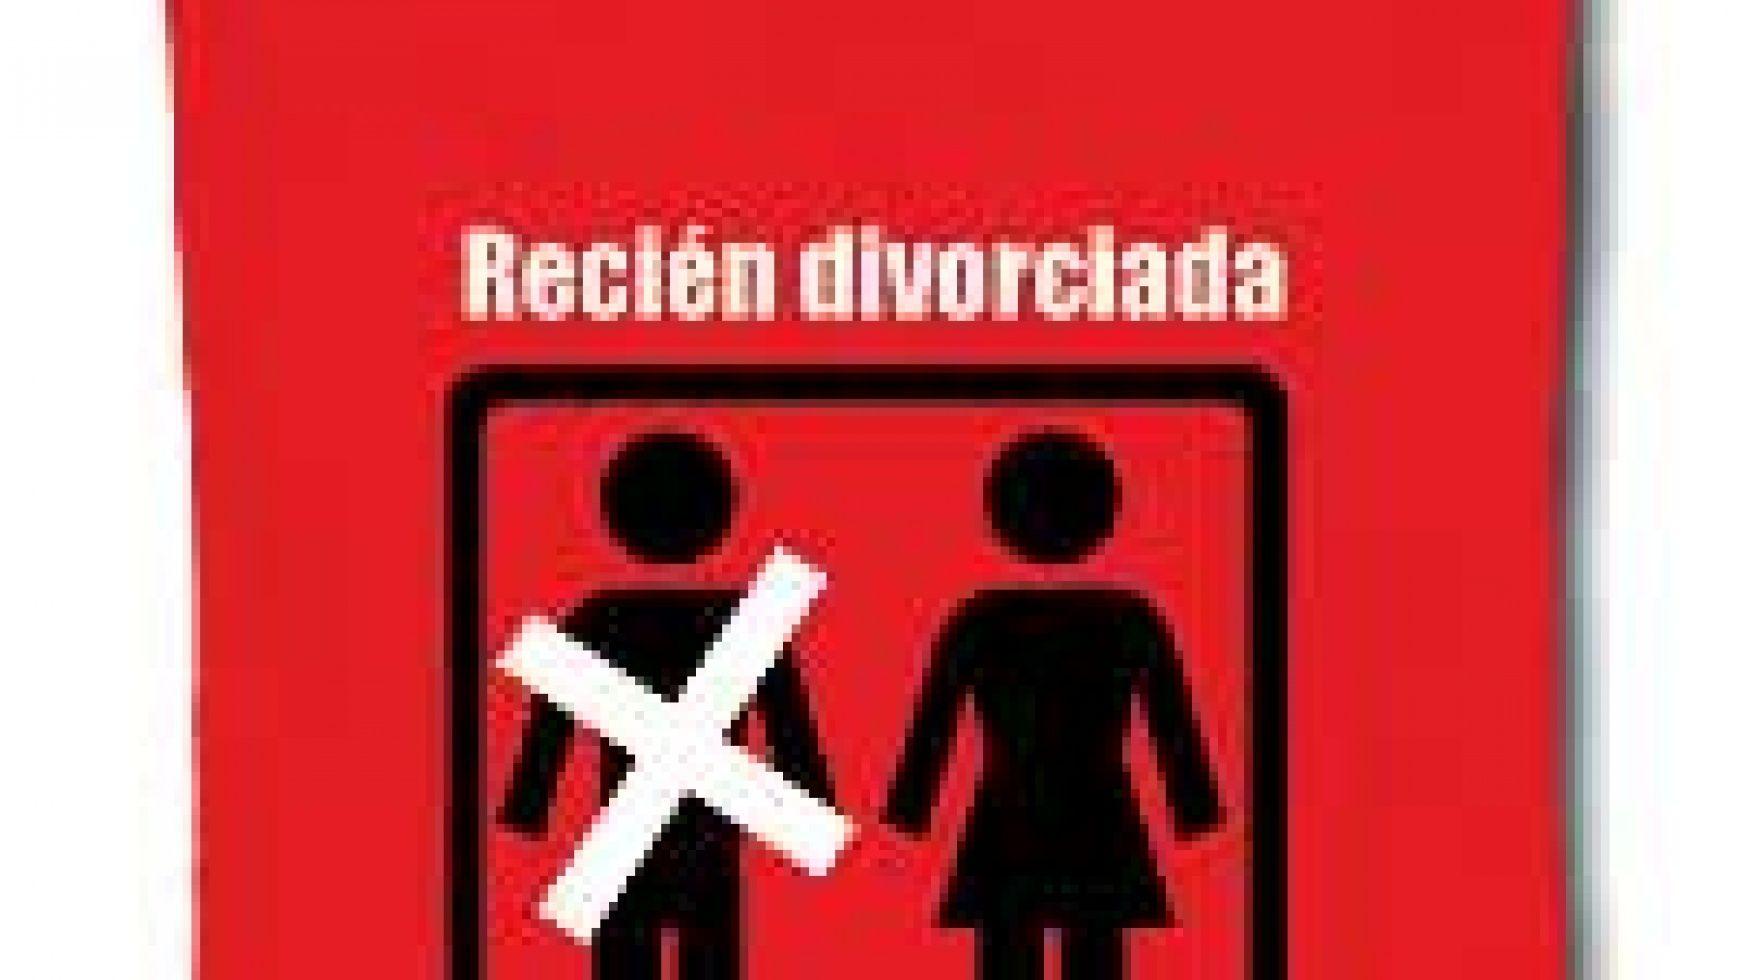 Despedidas de casados y casadas, ¡¡el despelote máximo!!